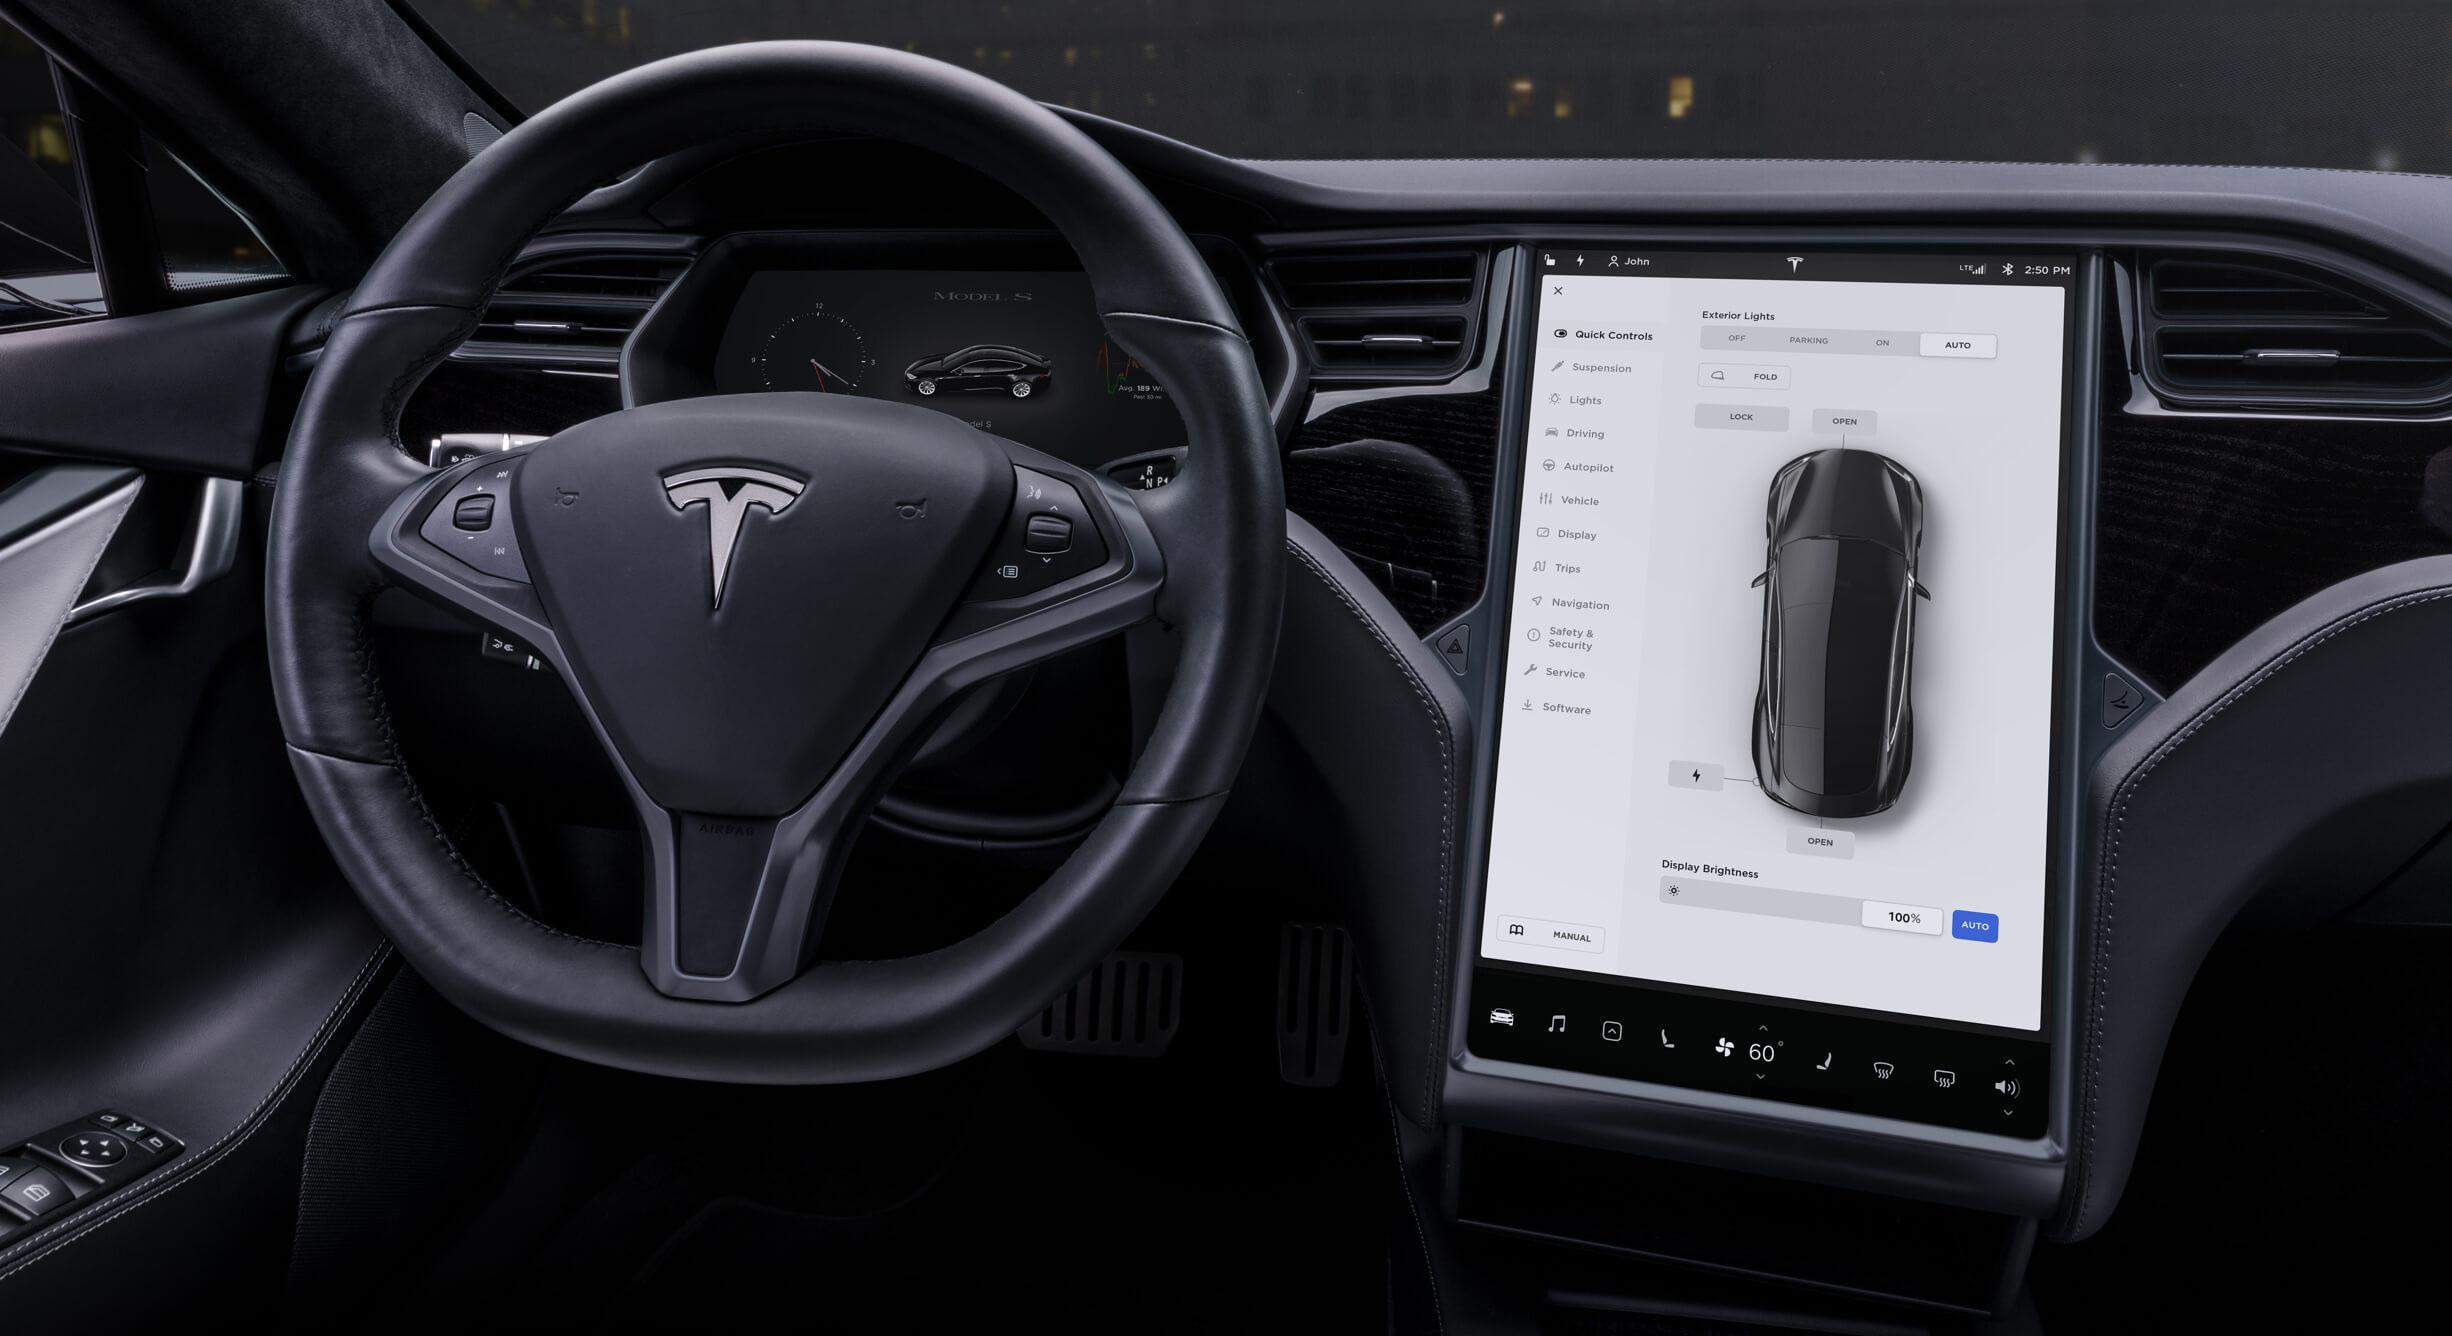 Harga Cukup Menggiurkan, Kabel Pengisi Daya Tesla  Jadi Incaran Pencuri